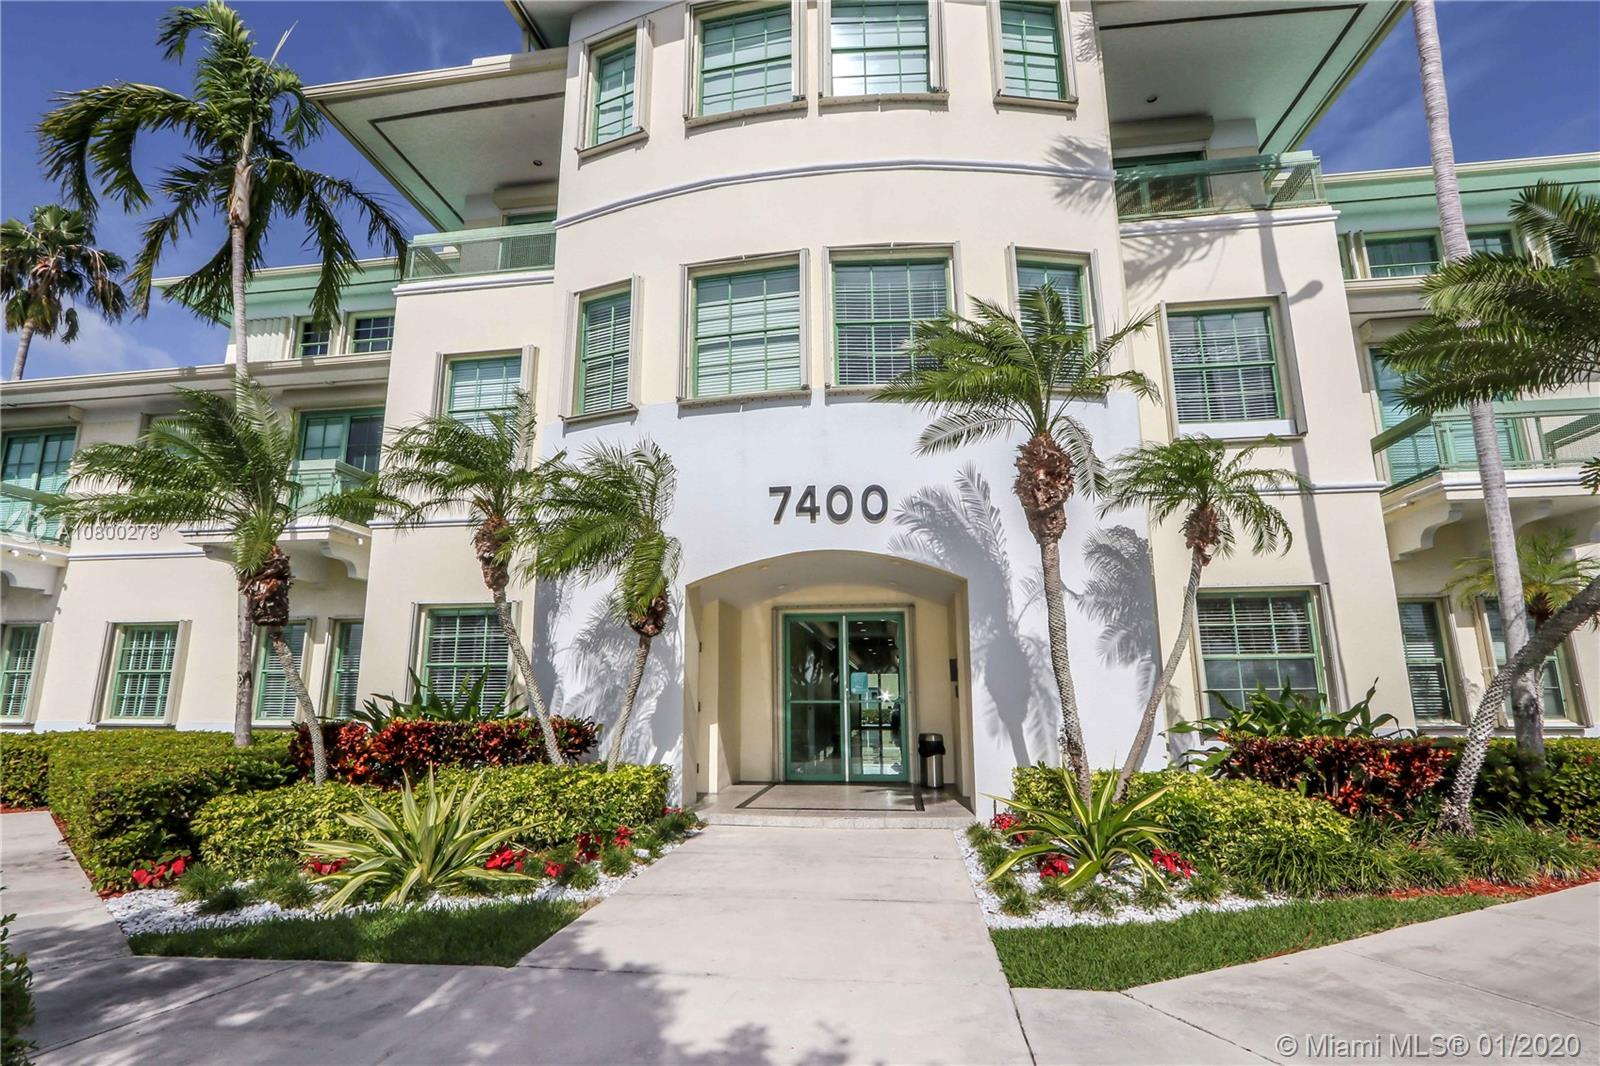 7400 SW 50th Ter 100, Miami, FL 33155